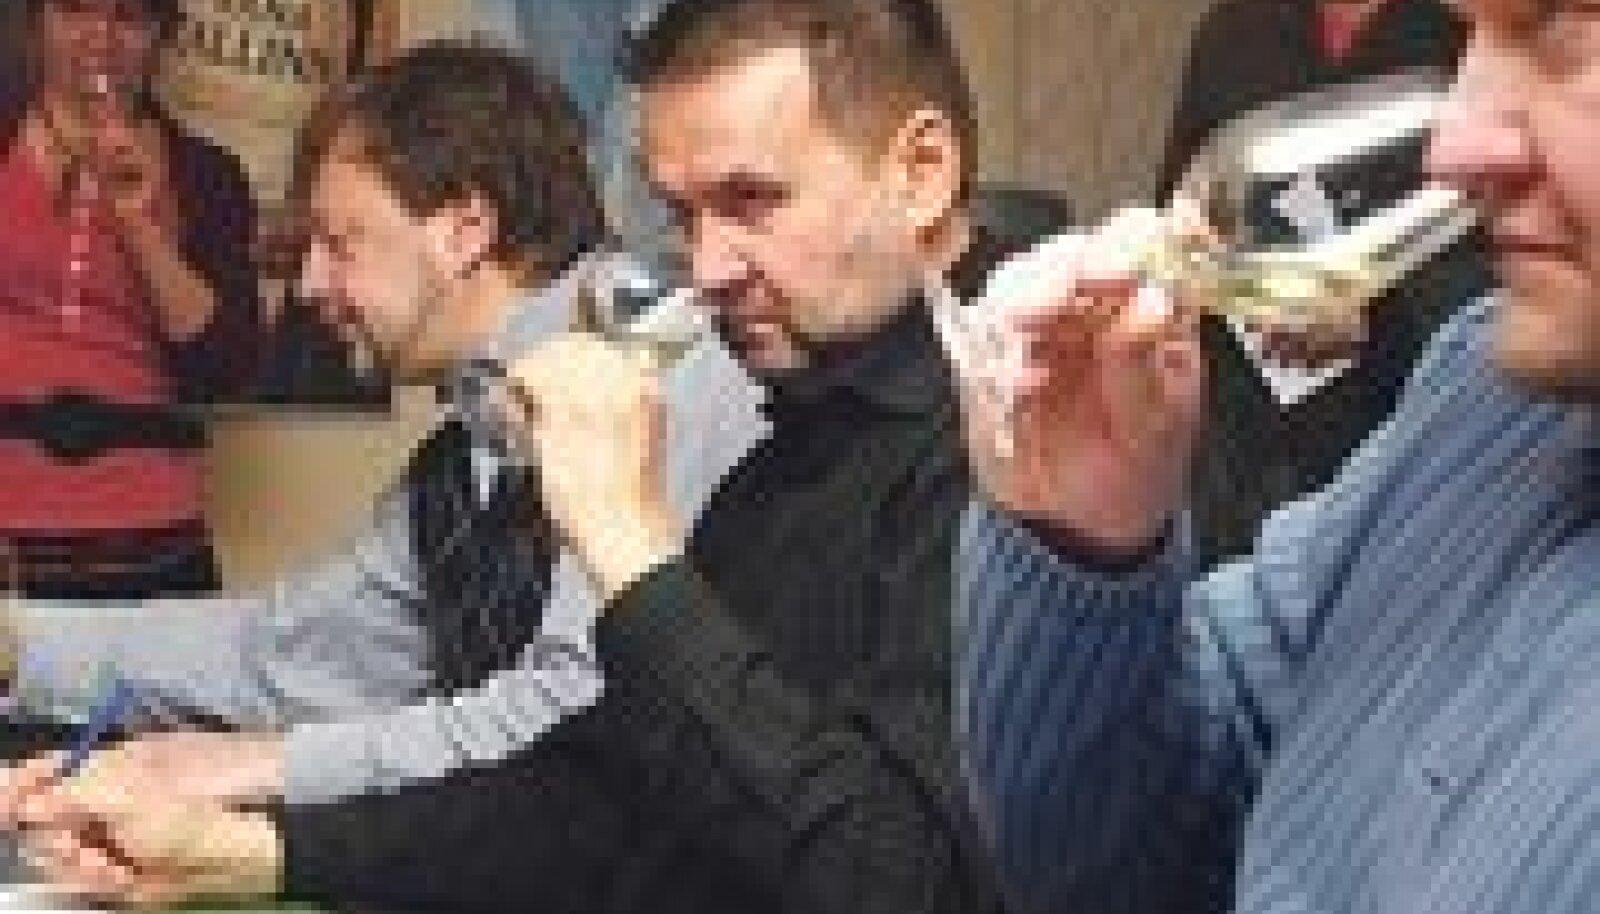 Žürii tööhoos: Veinivilla juht Tiina Kuuler, alkoholitundjad ja -koolitajad Arne Pajula ja Aare Karolin ning Prantsuse veinide maaletooja Igor Sööt. Taamal seisab ajakirjanik Sulev Oll.